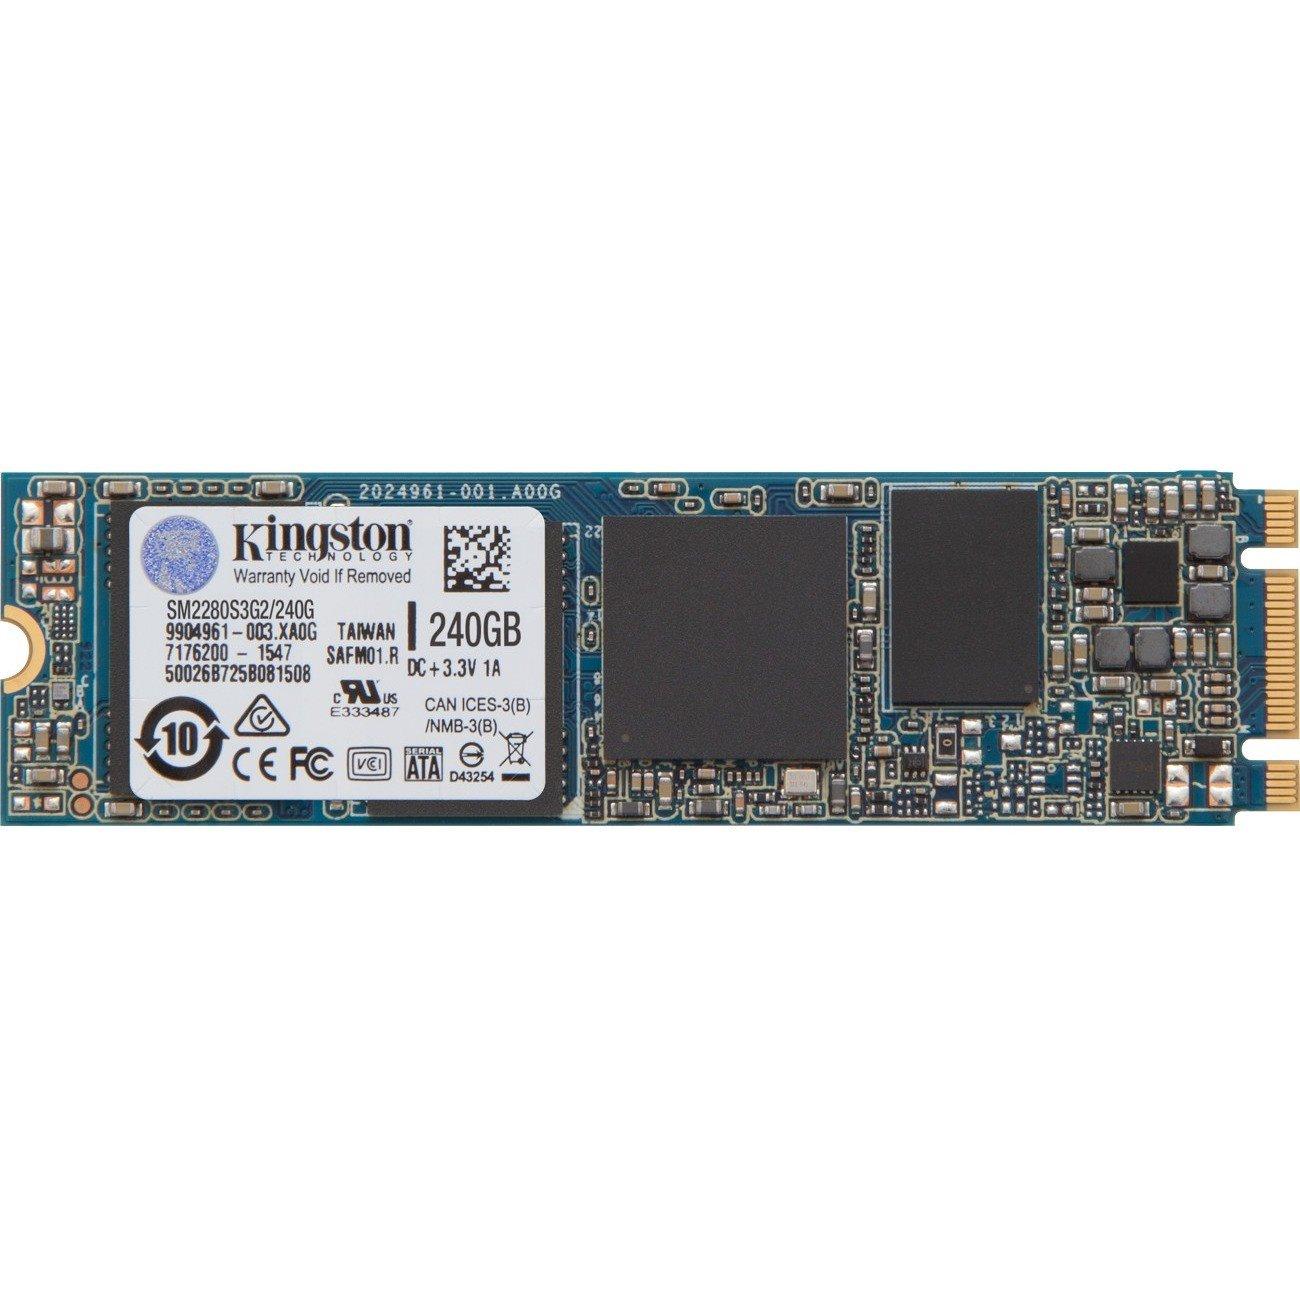 Kingston SSDNow 240 GB Solid State Drive - SATA (SATA/600) - Internal - M.2 2280